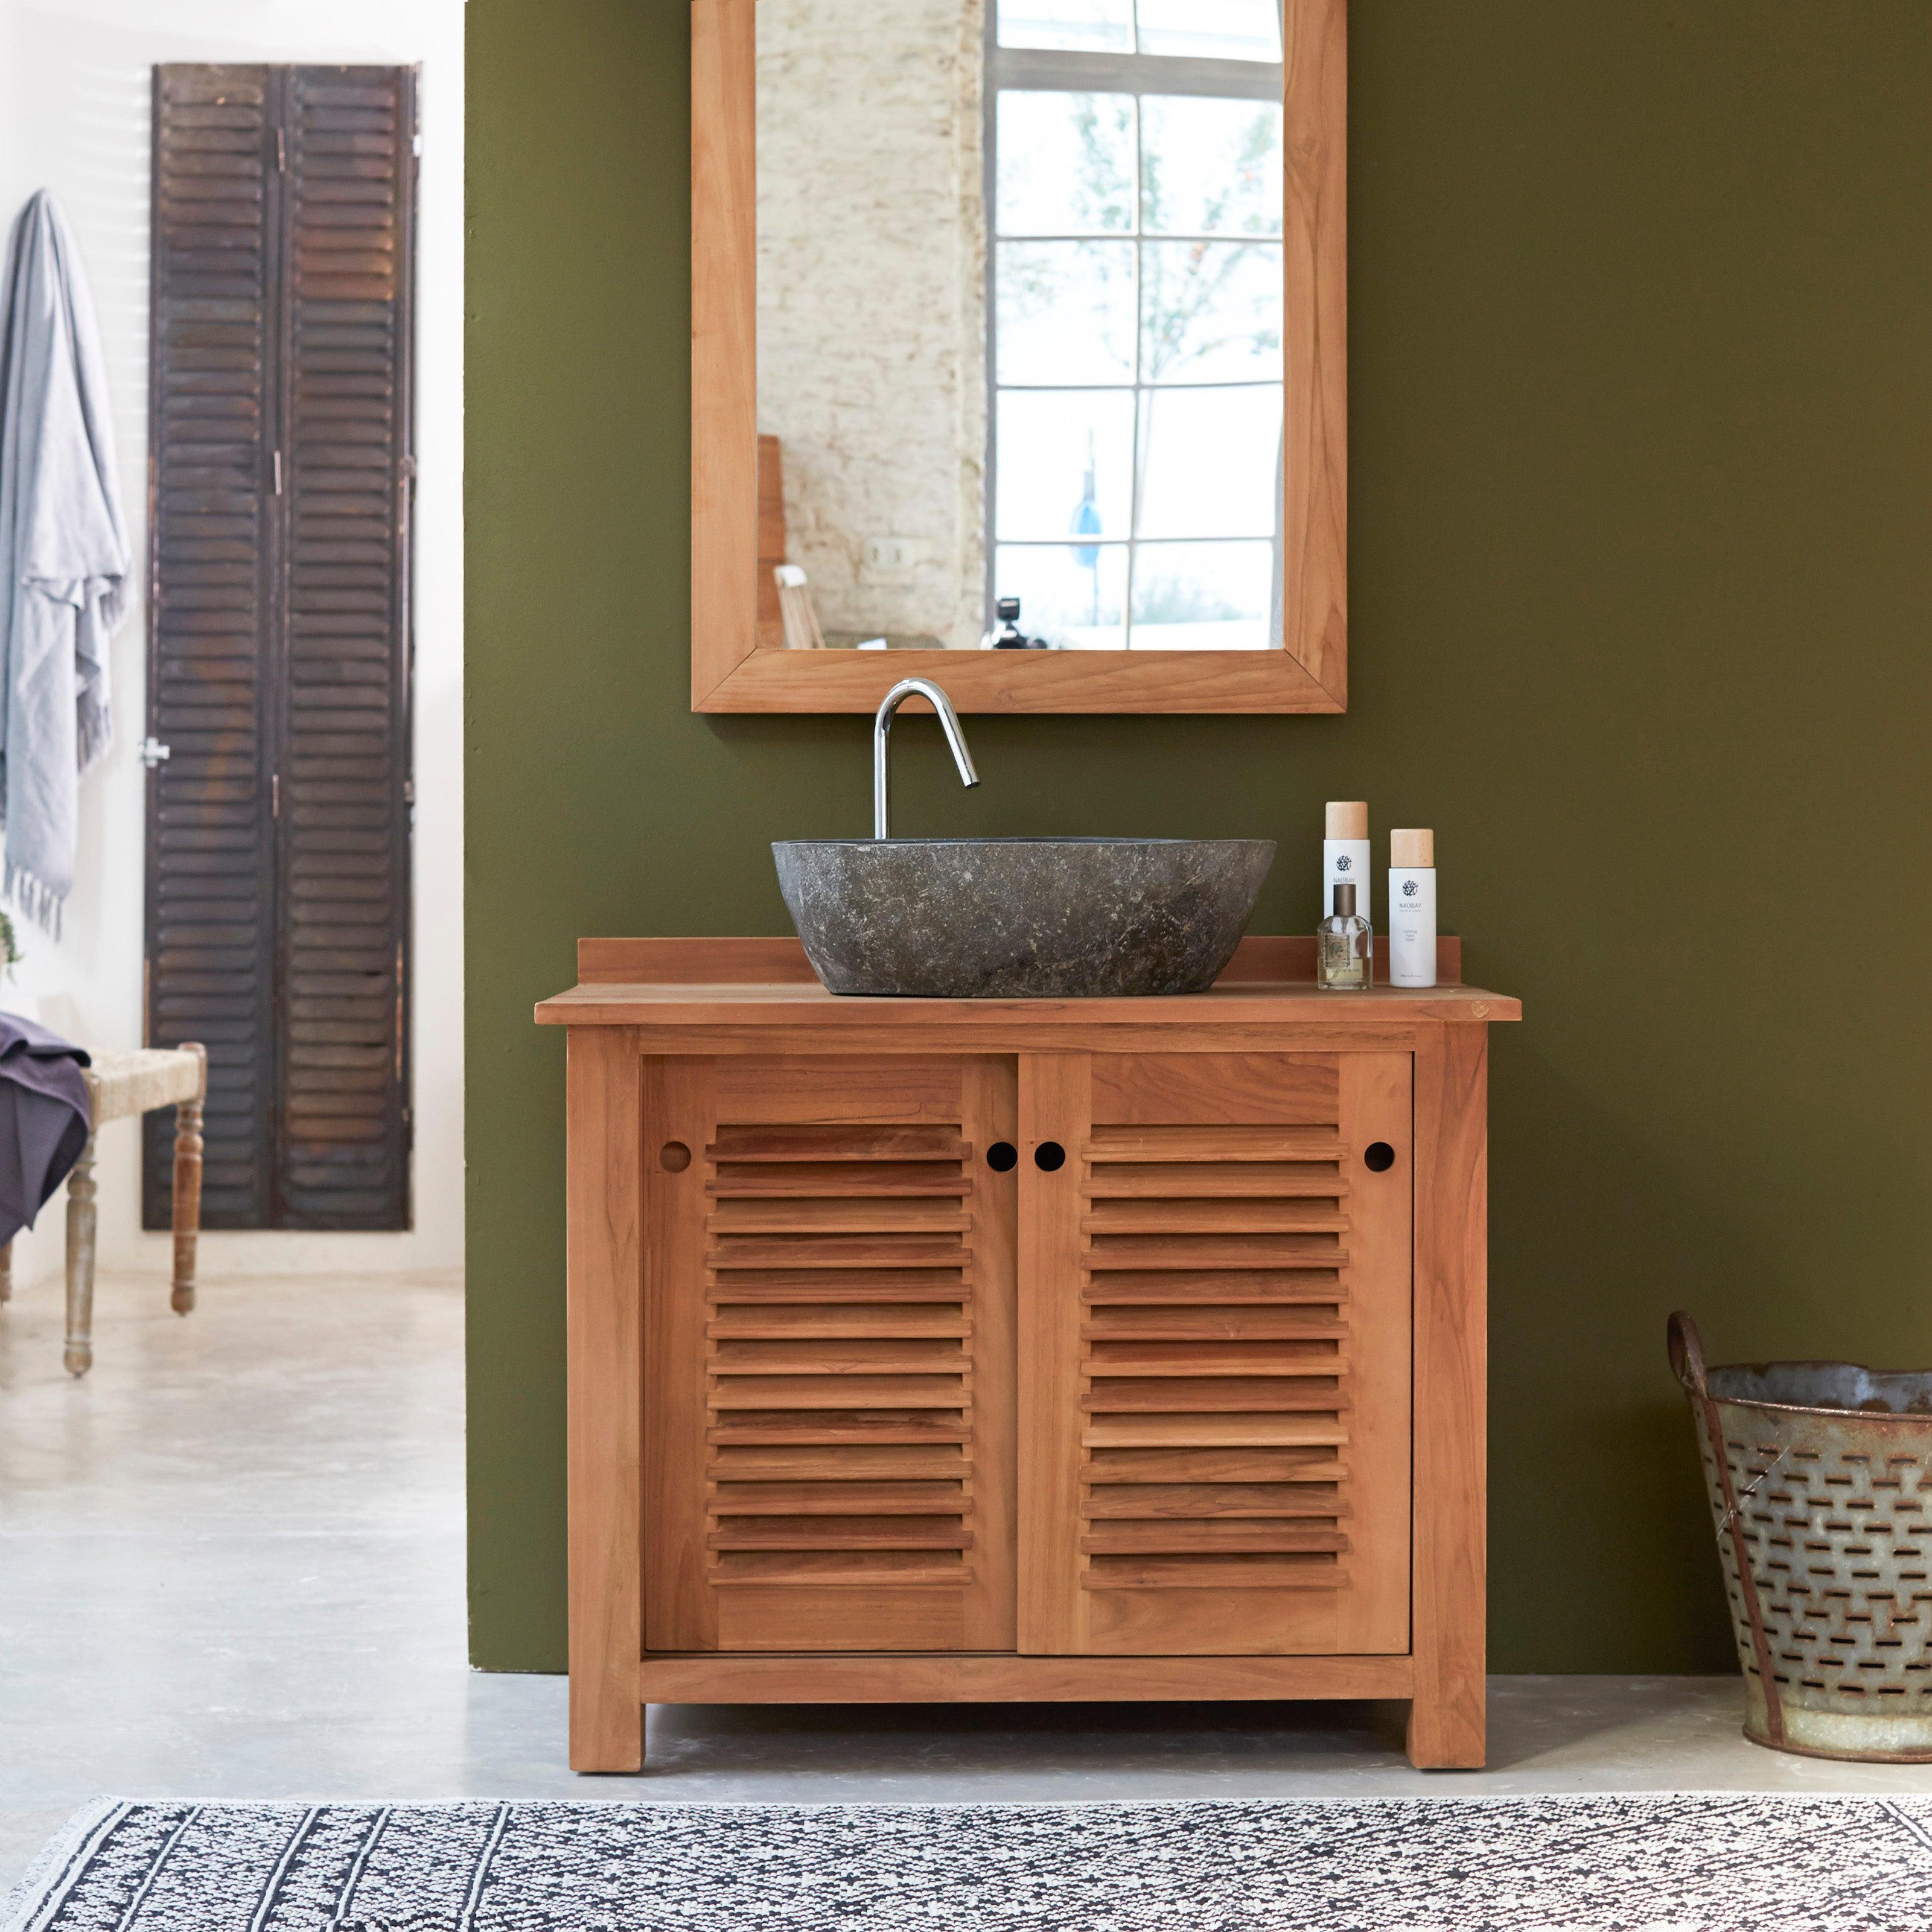 meuble vasque bois l 95 x h 80 x p 60 cm tikamoon coline